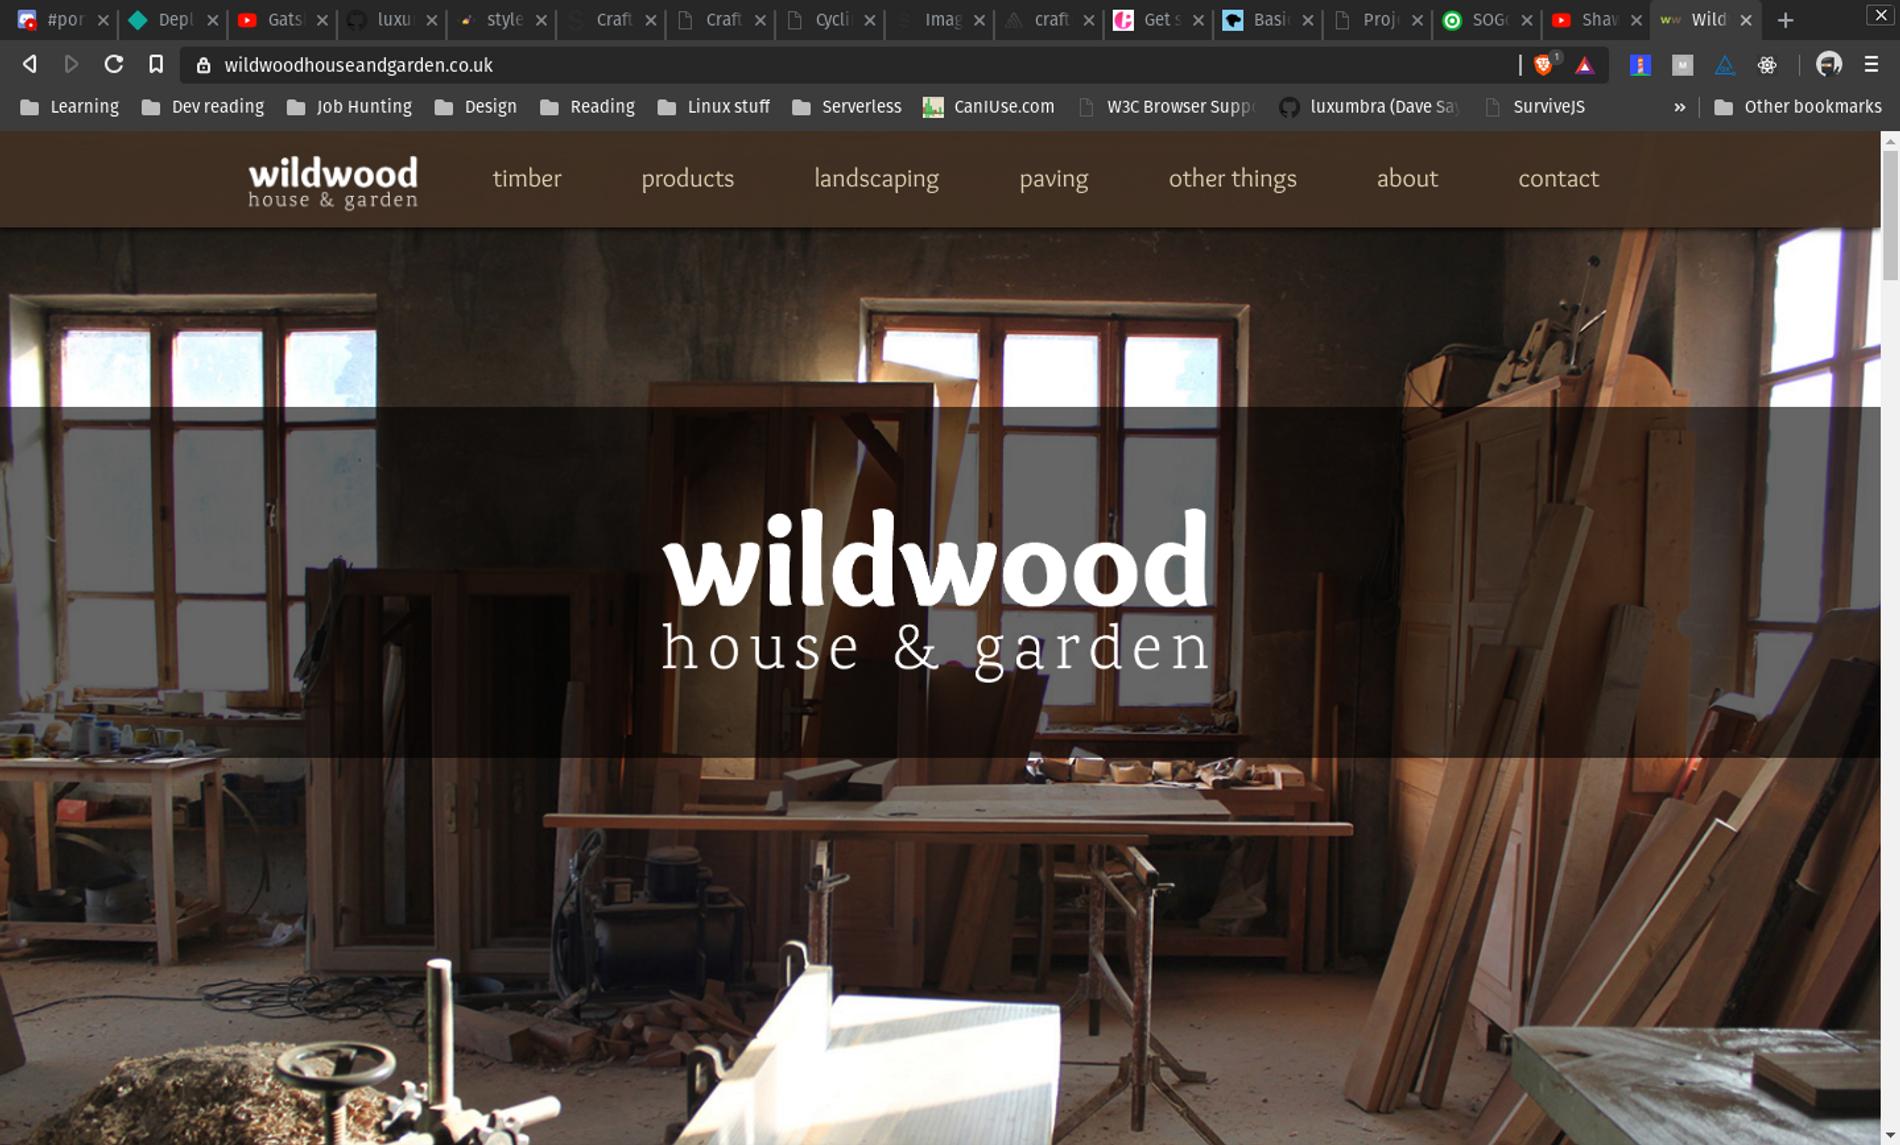 WildWood Website screen shot.